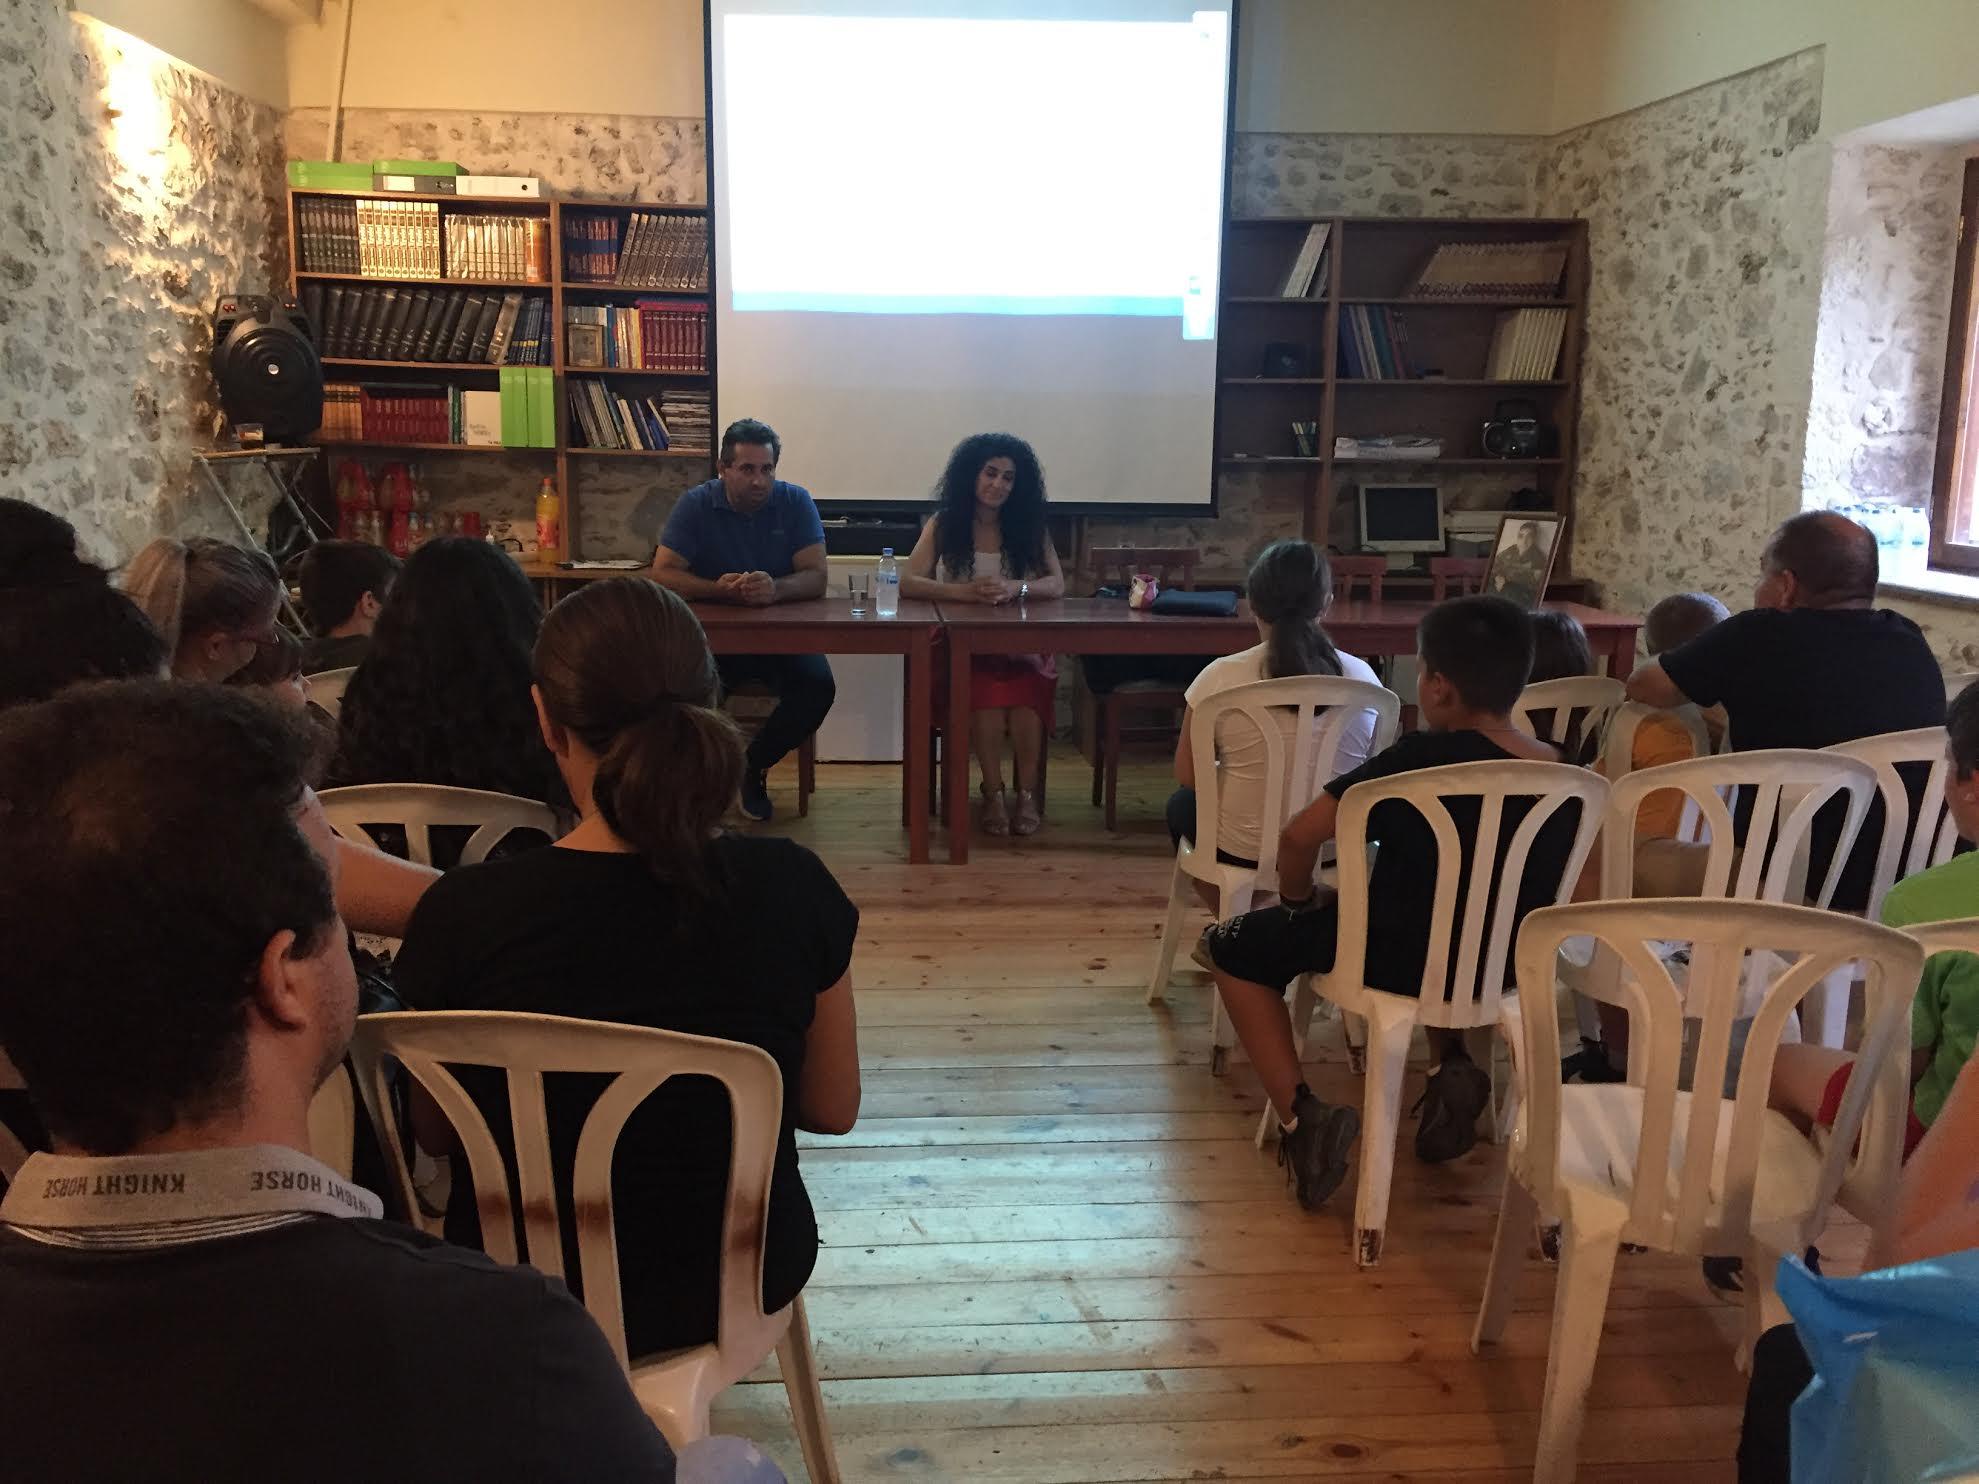 0-2-78 Εκδήλωση κατά των ναρκωτικών στη Ροδιά